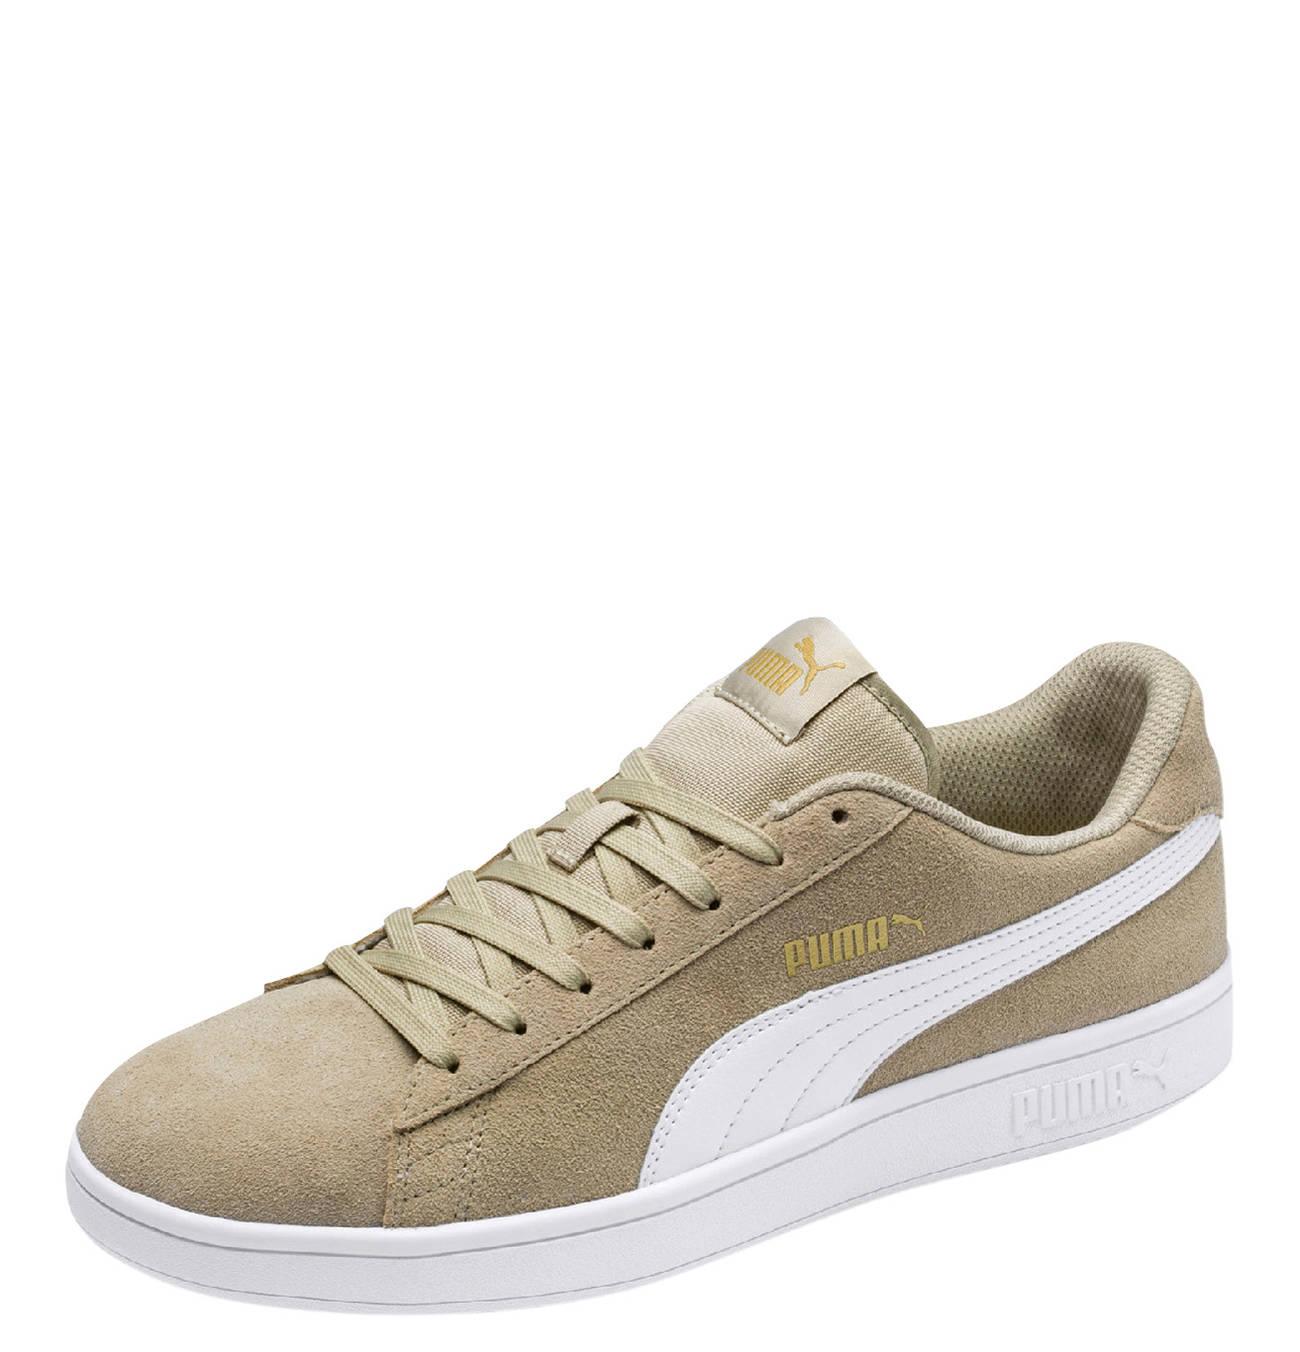 PUMA Sneakers für Herren günstig kaufen | eBay